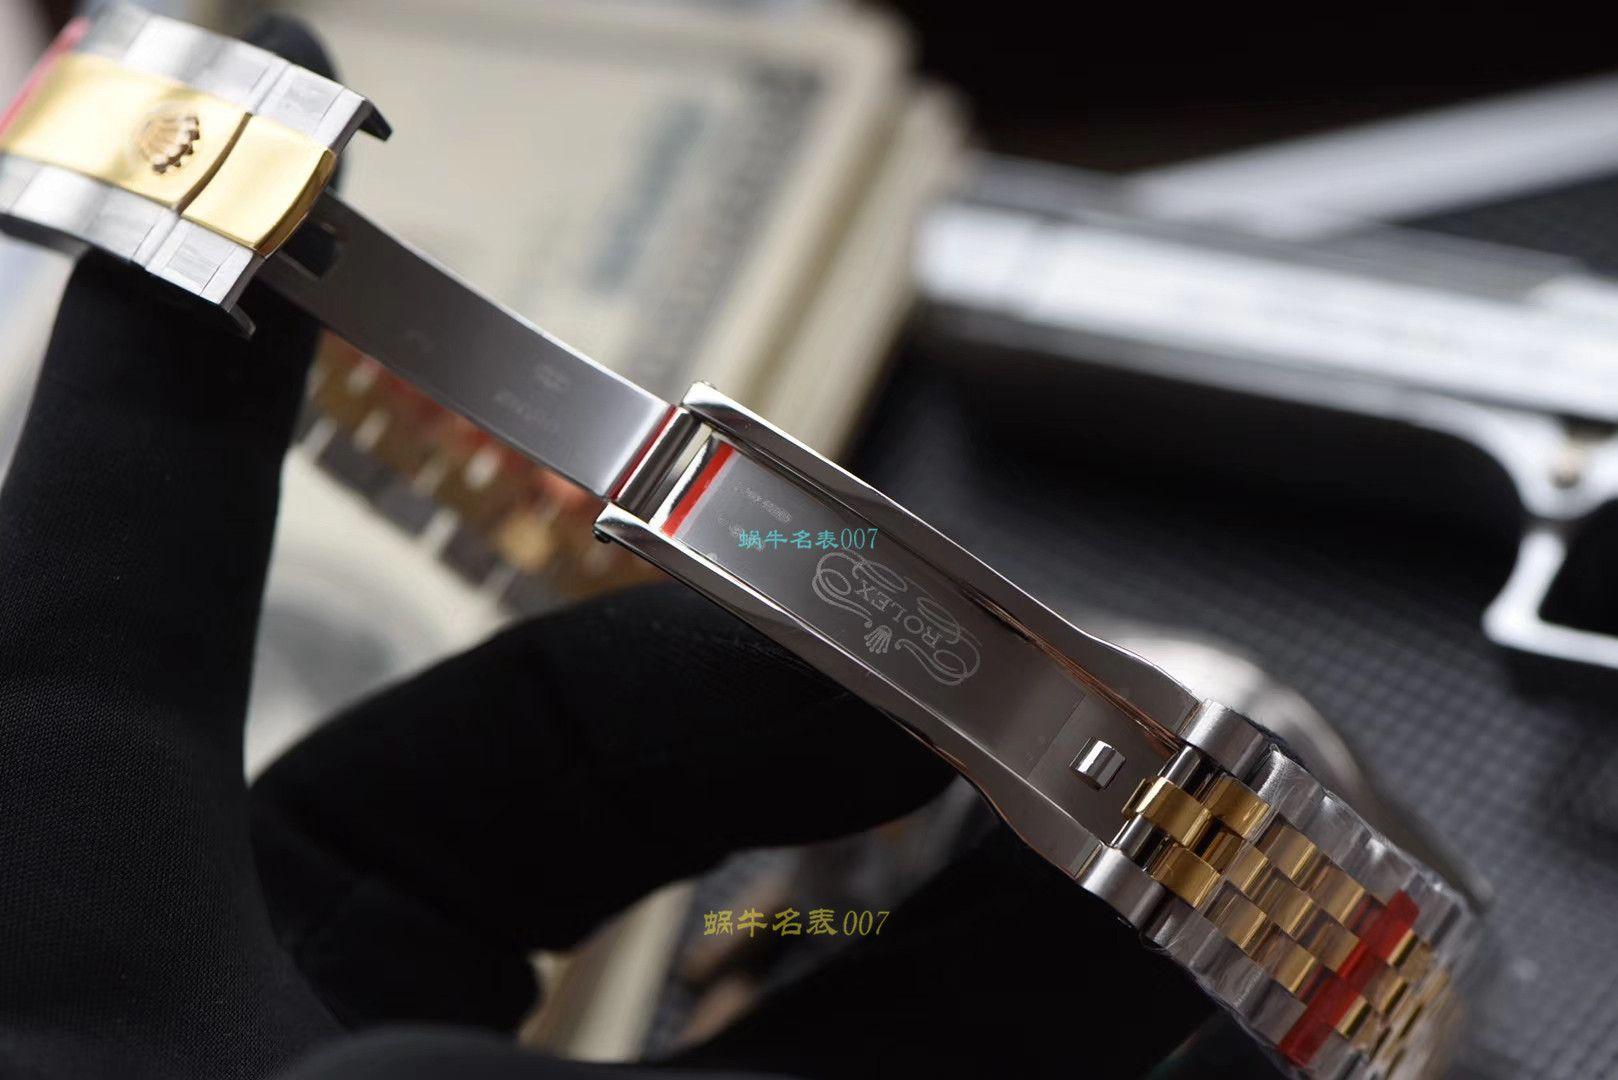 【仿劳力士机械表男表价格】视频评测DJ厂劳力士日志型系列m126333-0016,m126333-0012,m126333-0010腕表